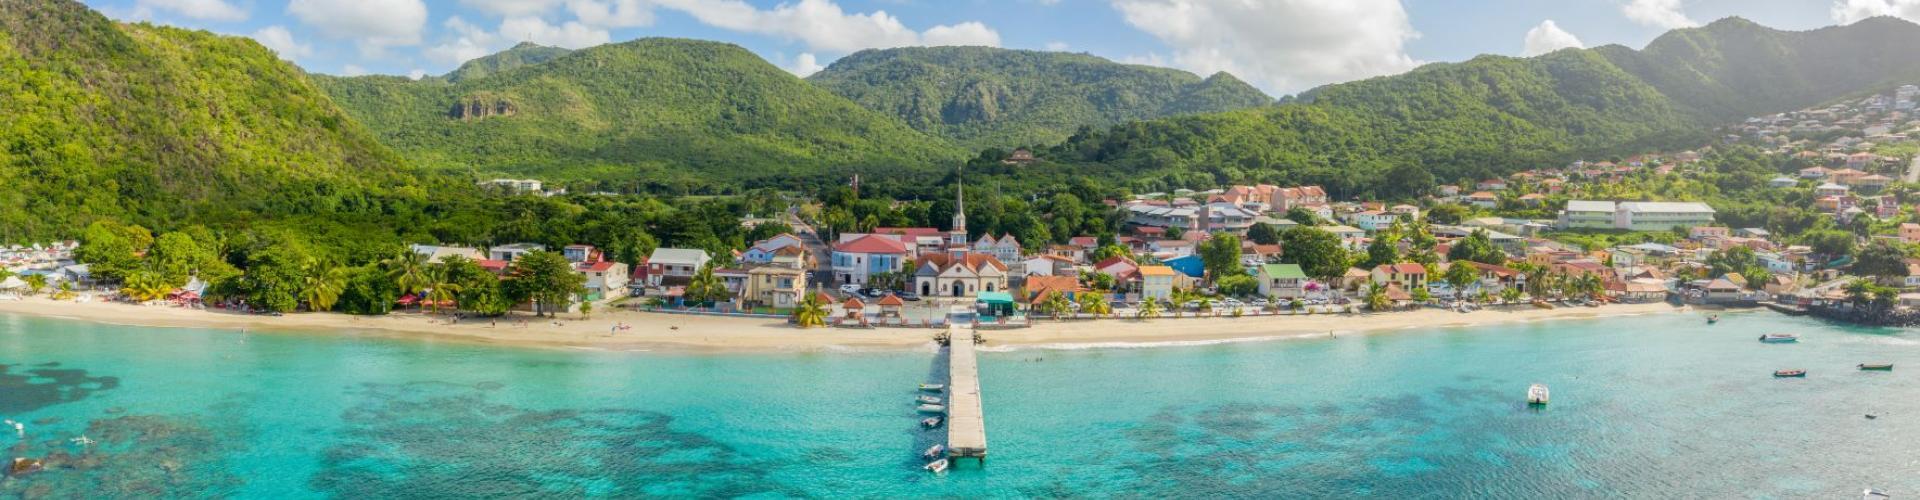 Vacances voyage séjour Martinique.jpg